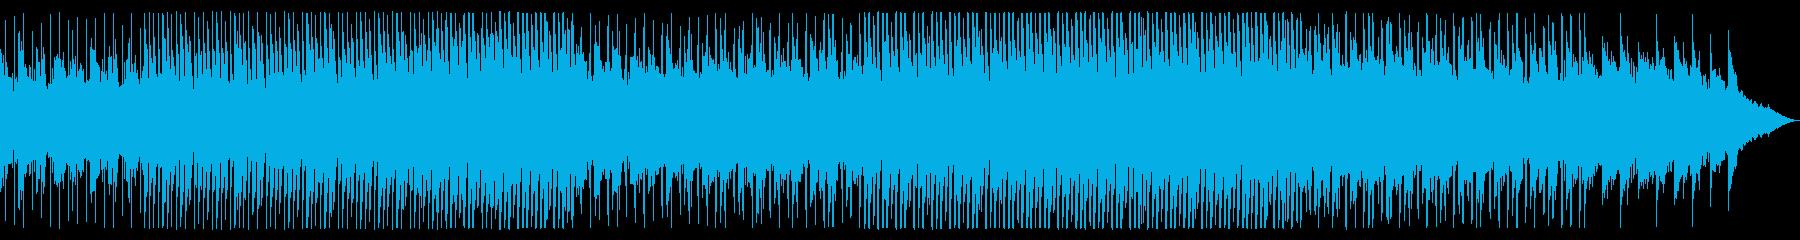 爽やか元気な楽曲プロフィールビデオ等にの再生済みの波形